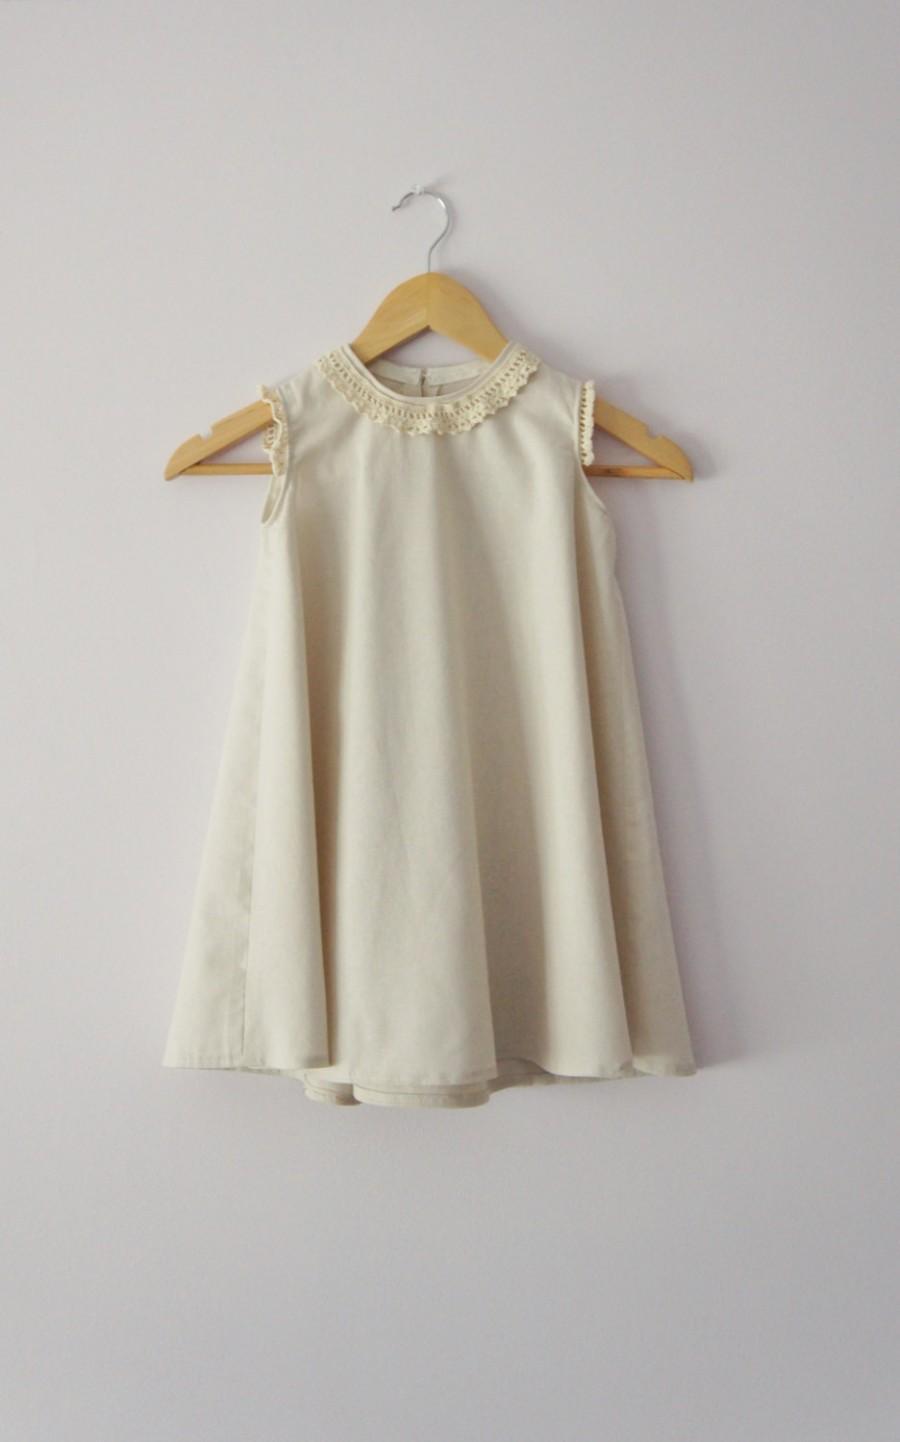 زفاف - Flower Girl Dress, Linen Dress, Ivory Dress, Birthday Dress, Baby Infant Toddler Dress, Bridesmaid Dress, Sleeveless Dress, Fall wedding